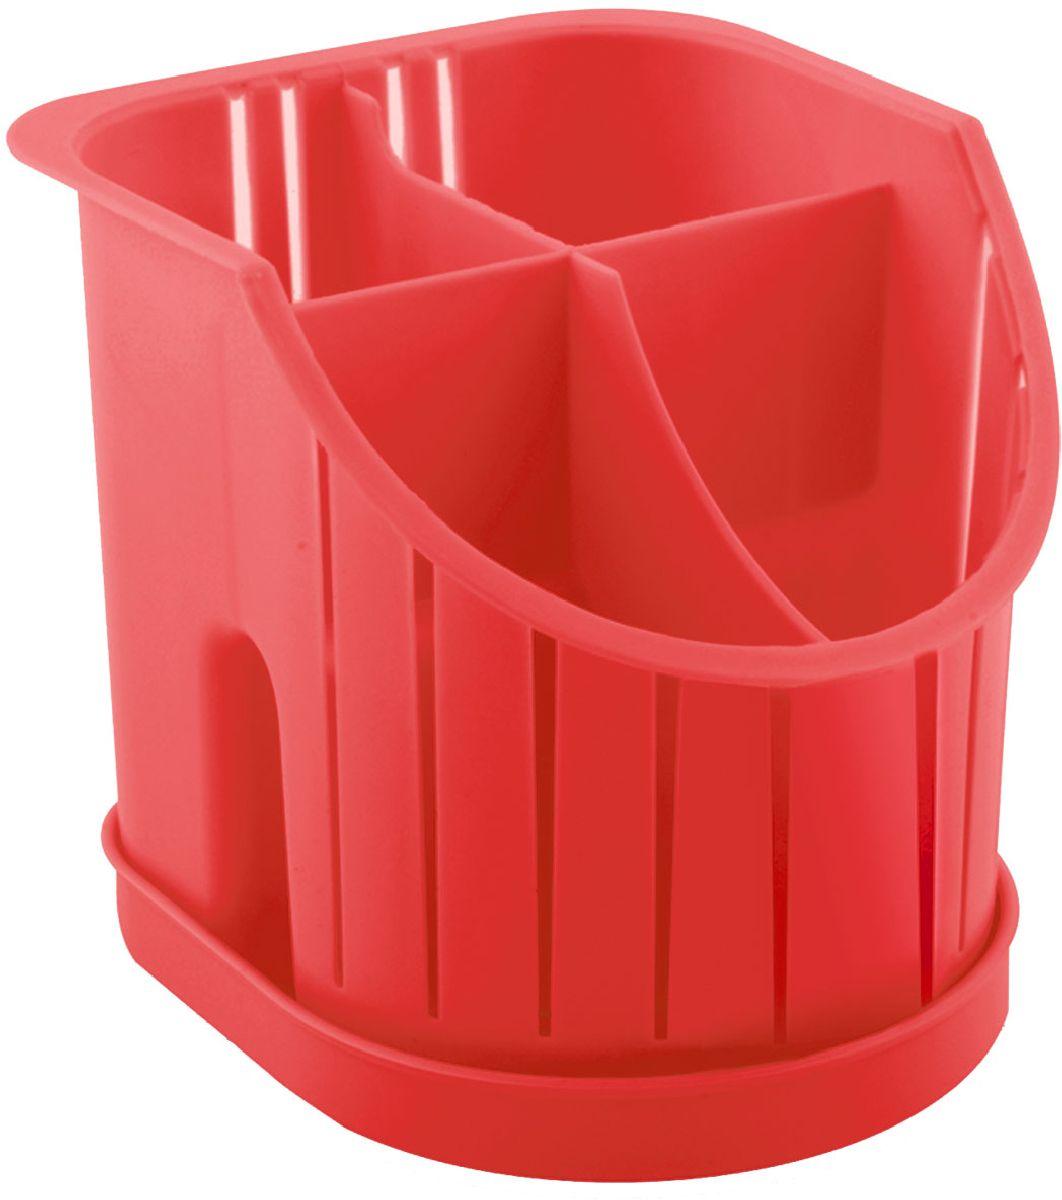 Сушилка для столовых приборов Plastic Centre, 4-секционная, цвет: красный, 16 х 14,2 х 12,8 смПЦ1550КРСушилка для столовых приборов пригодится на любой кухне. Четыре секции позволят сушить или хранить столовые приборы по отдельности (ножи, вилки, ложки и т.п.). Сушилка снабжена поддоном.